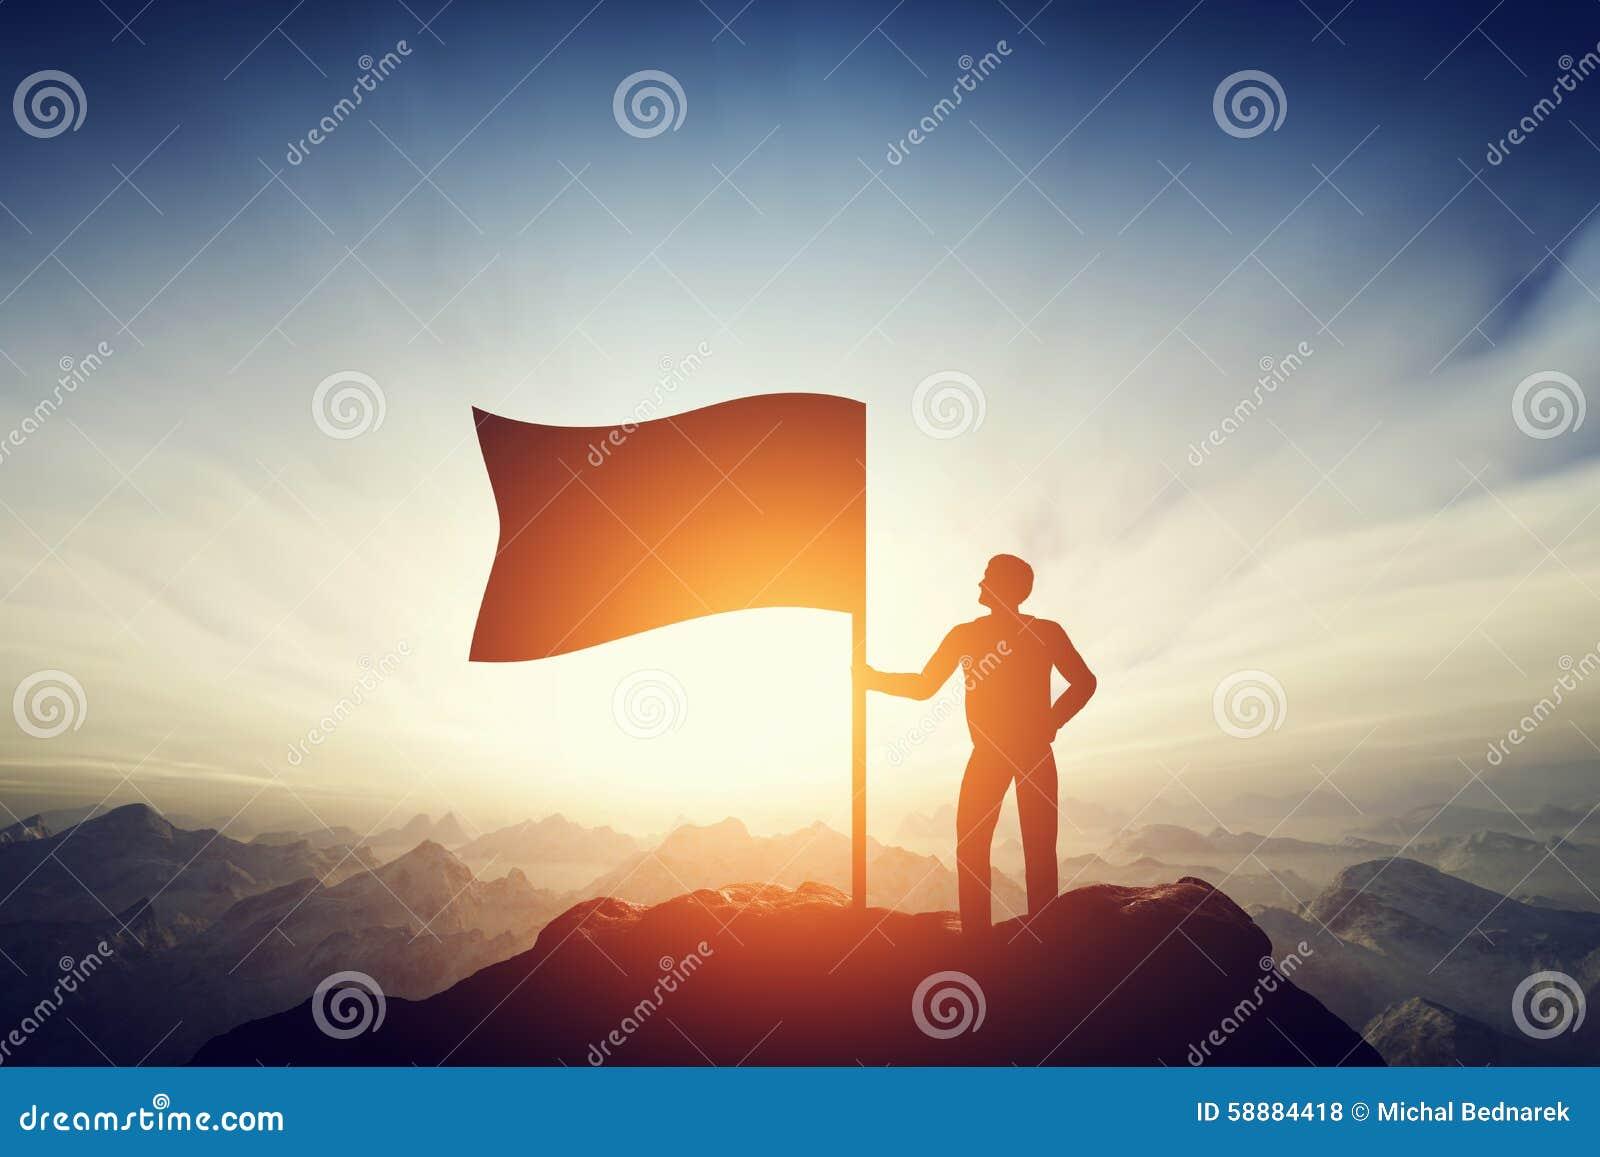 Hombre orgulloso que aumenta una bandera en el pico de la montaña Desafío, logro